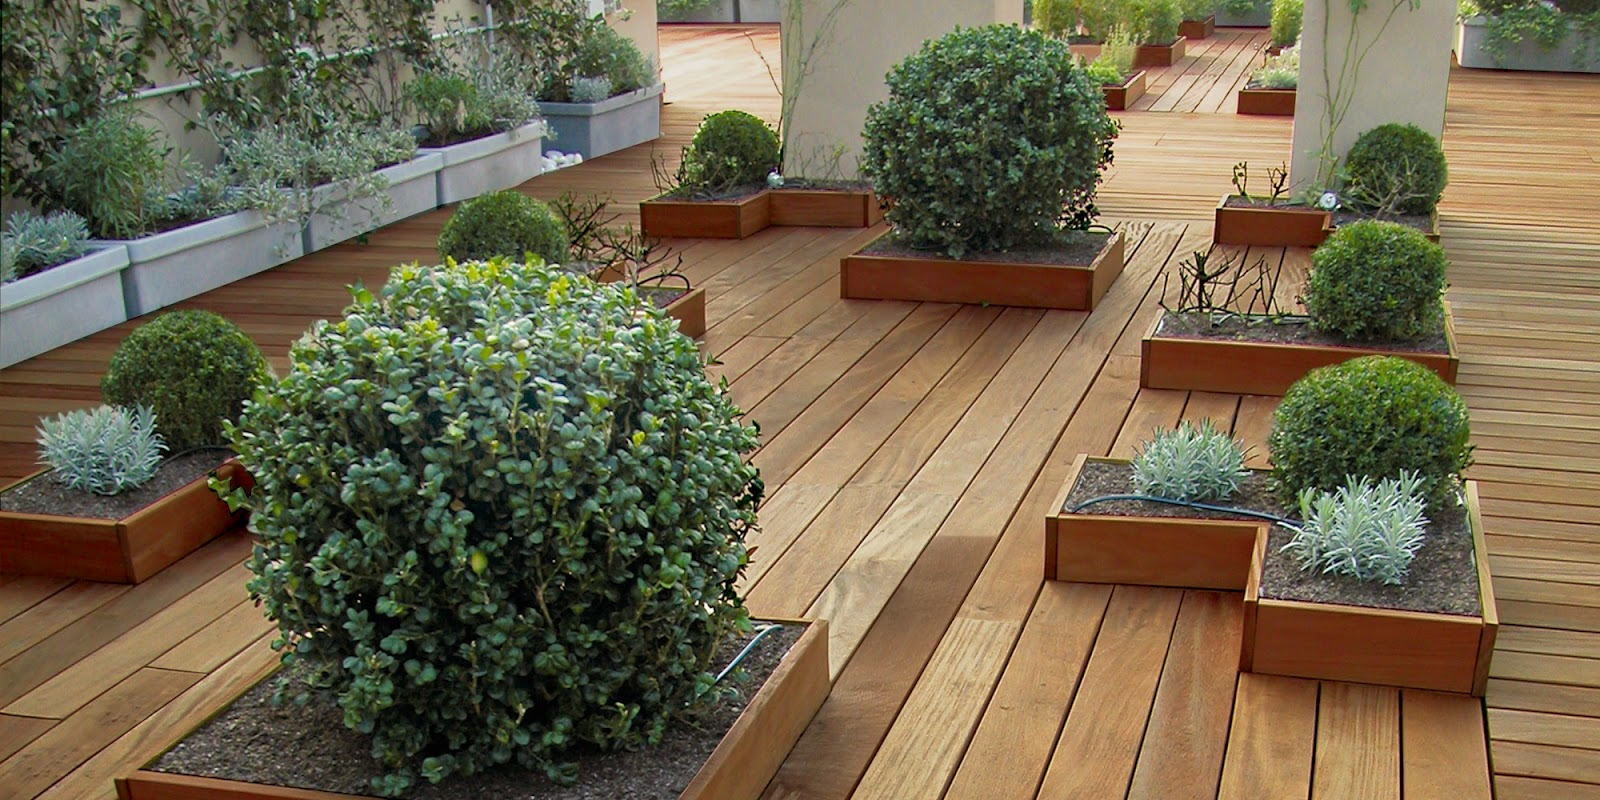 Amedeo liberatoscioli pavimento in legno per esterni for Piastrelle da esterno ikea